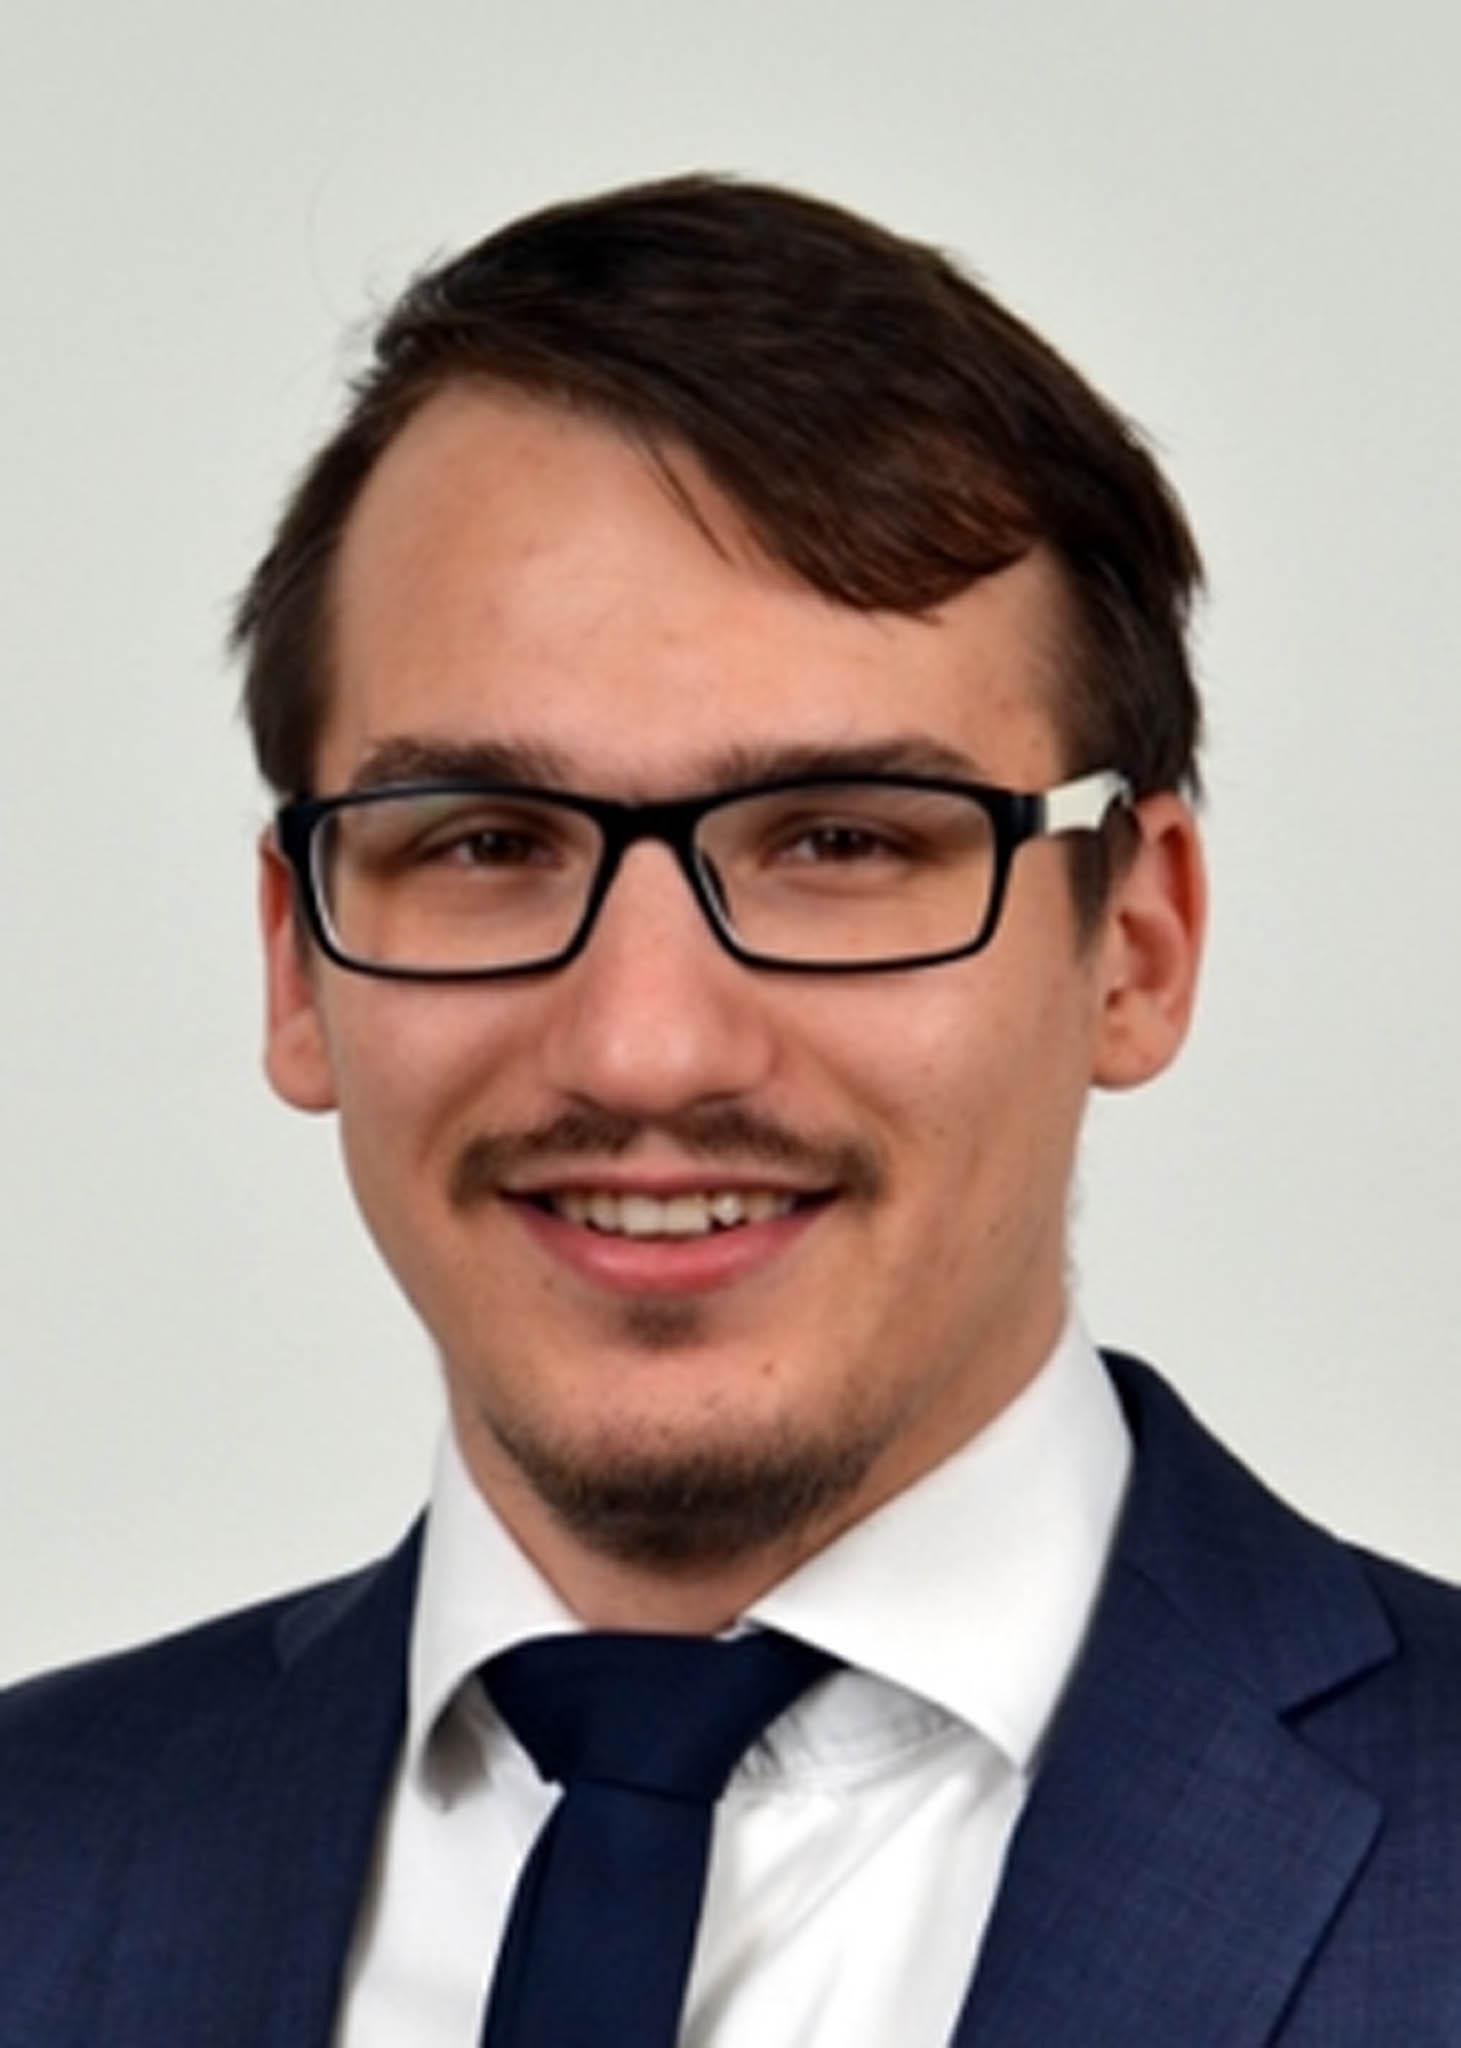 Petr Caisl